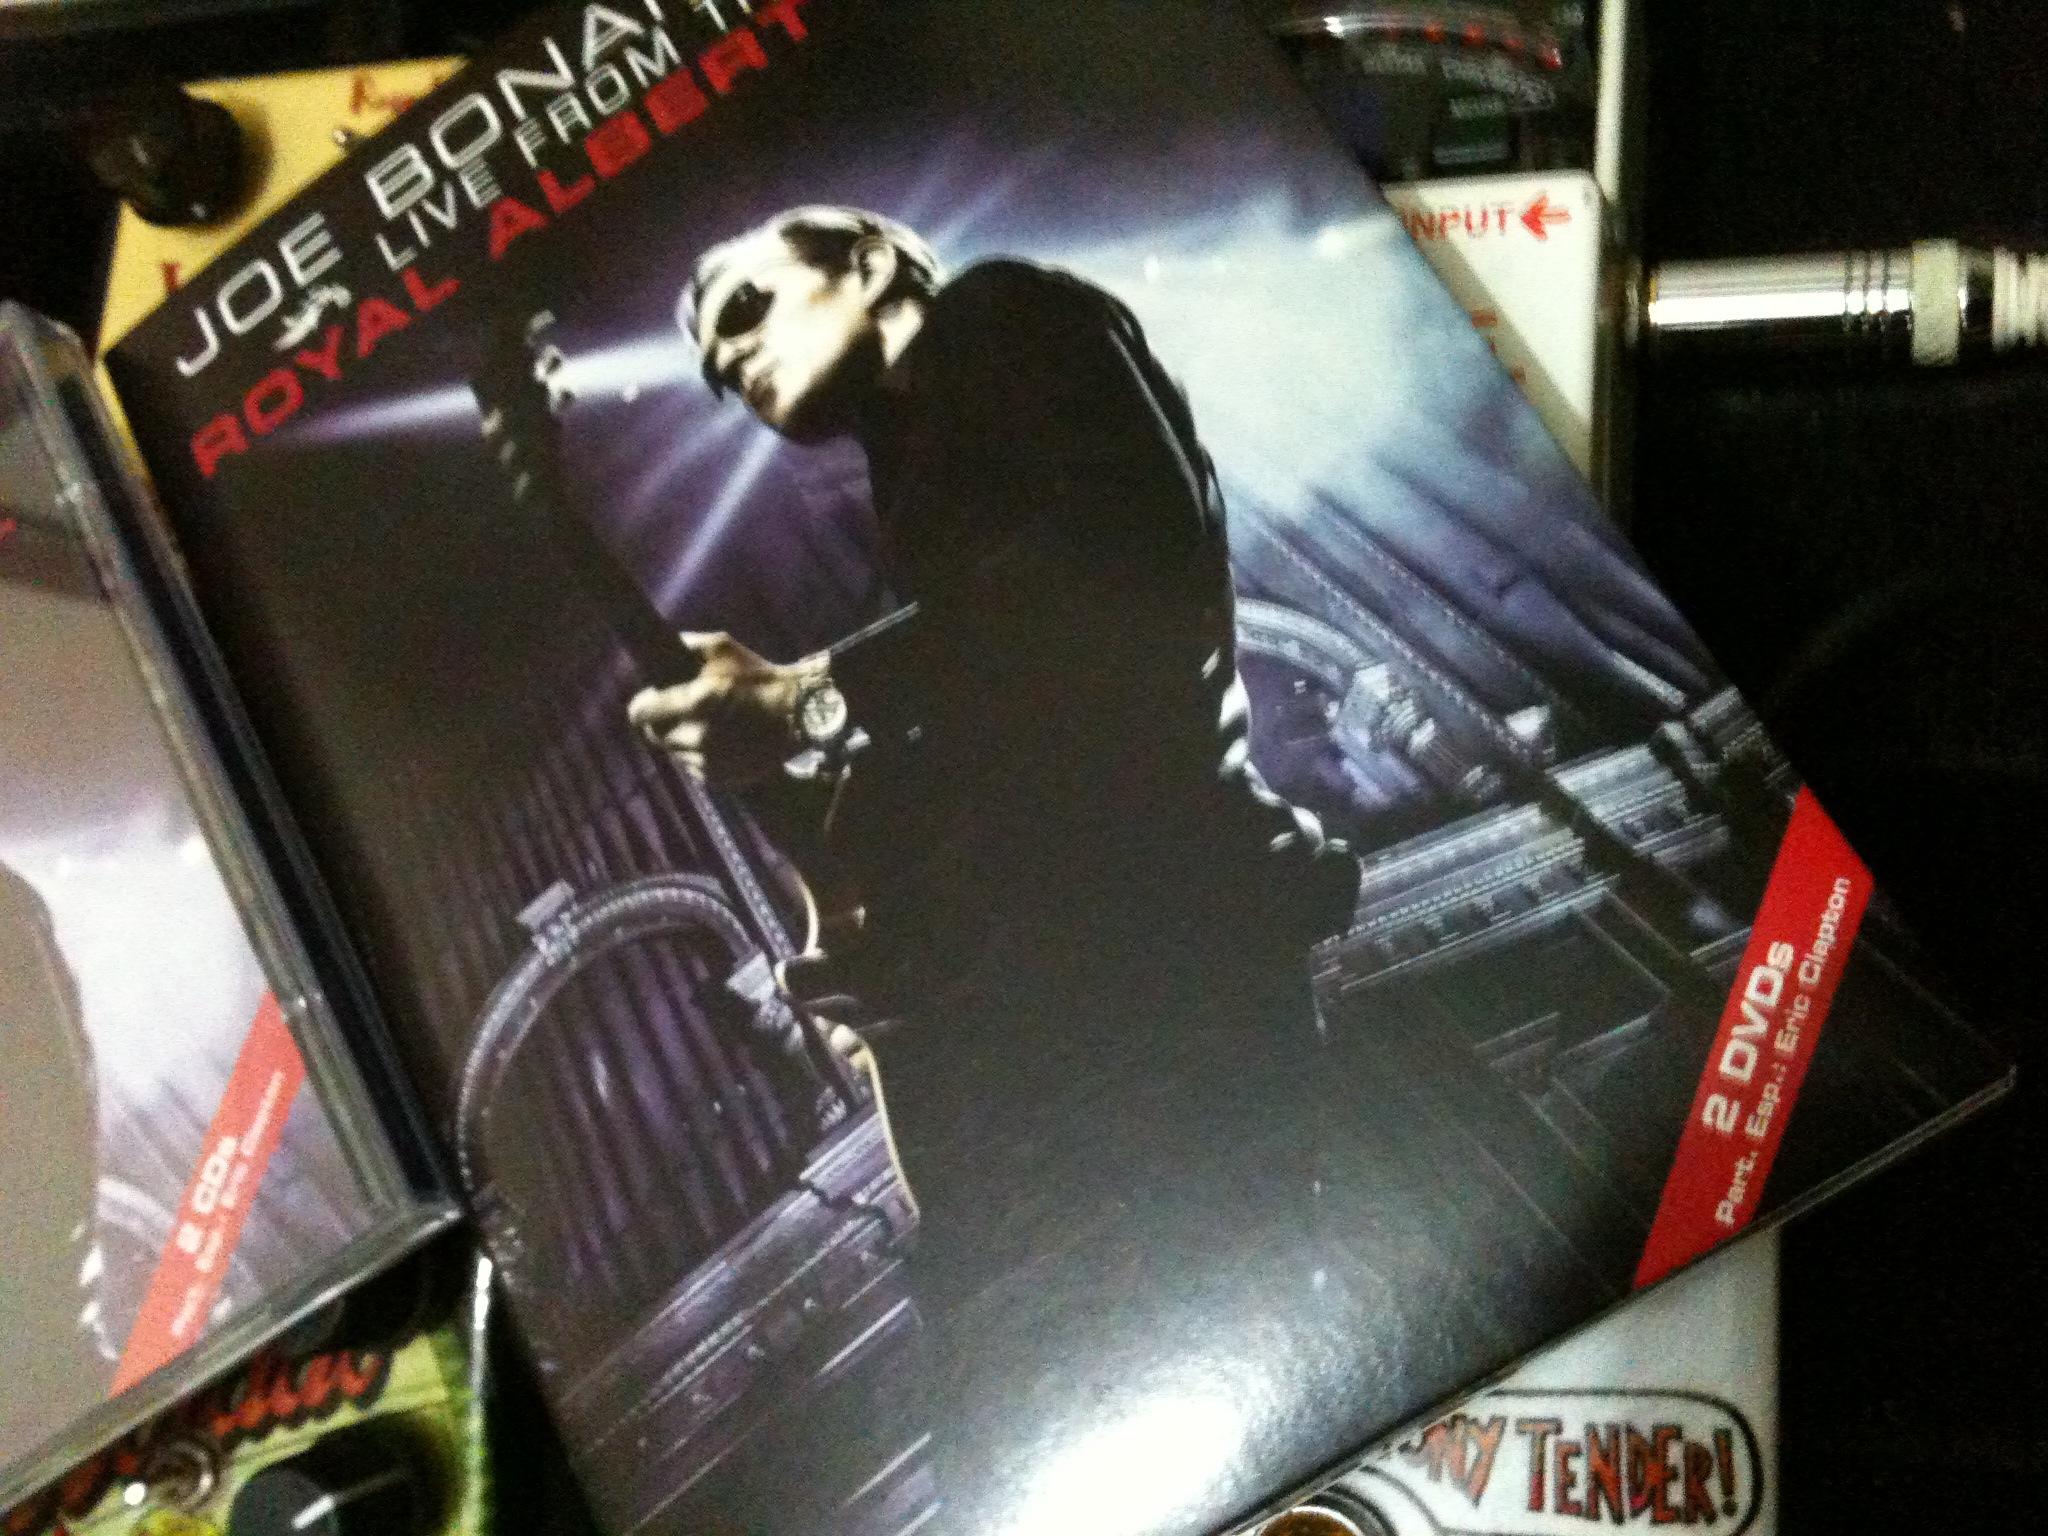 resenha dvd/cd joe bonamassa